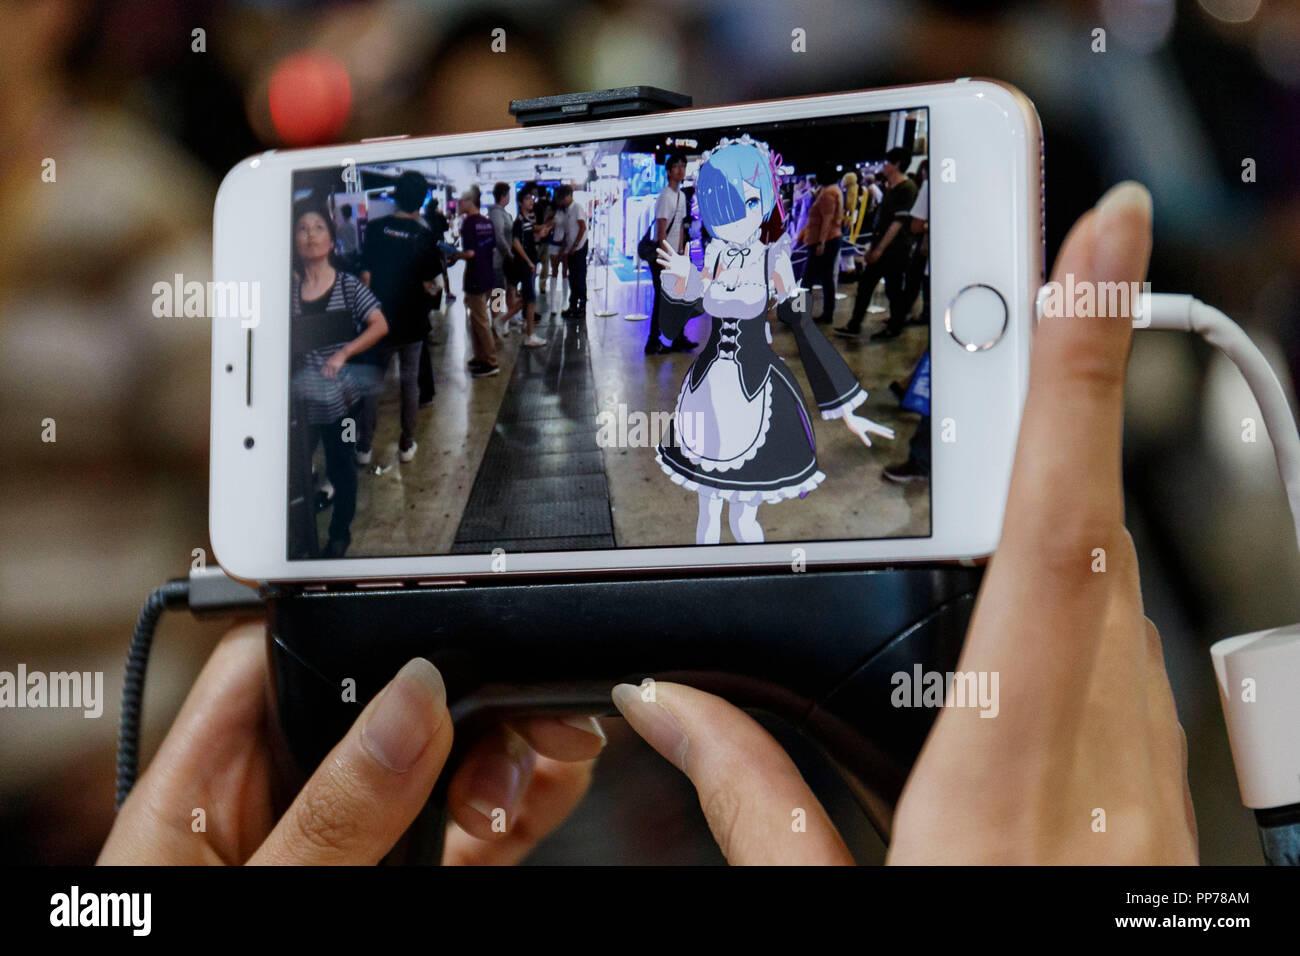 Un Expositor Muestra Un Ar Augmented Reality Holomodels App En Su